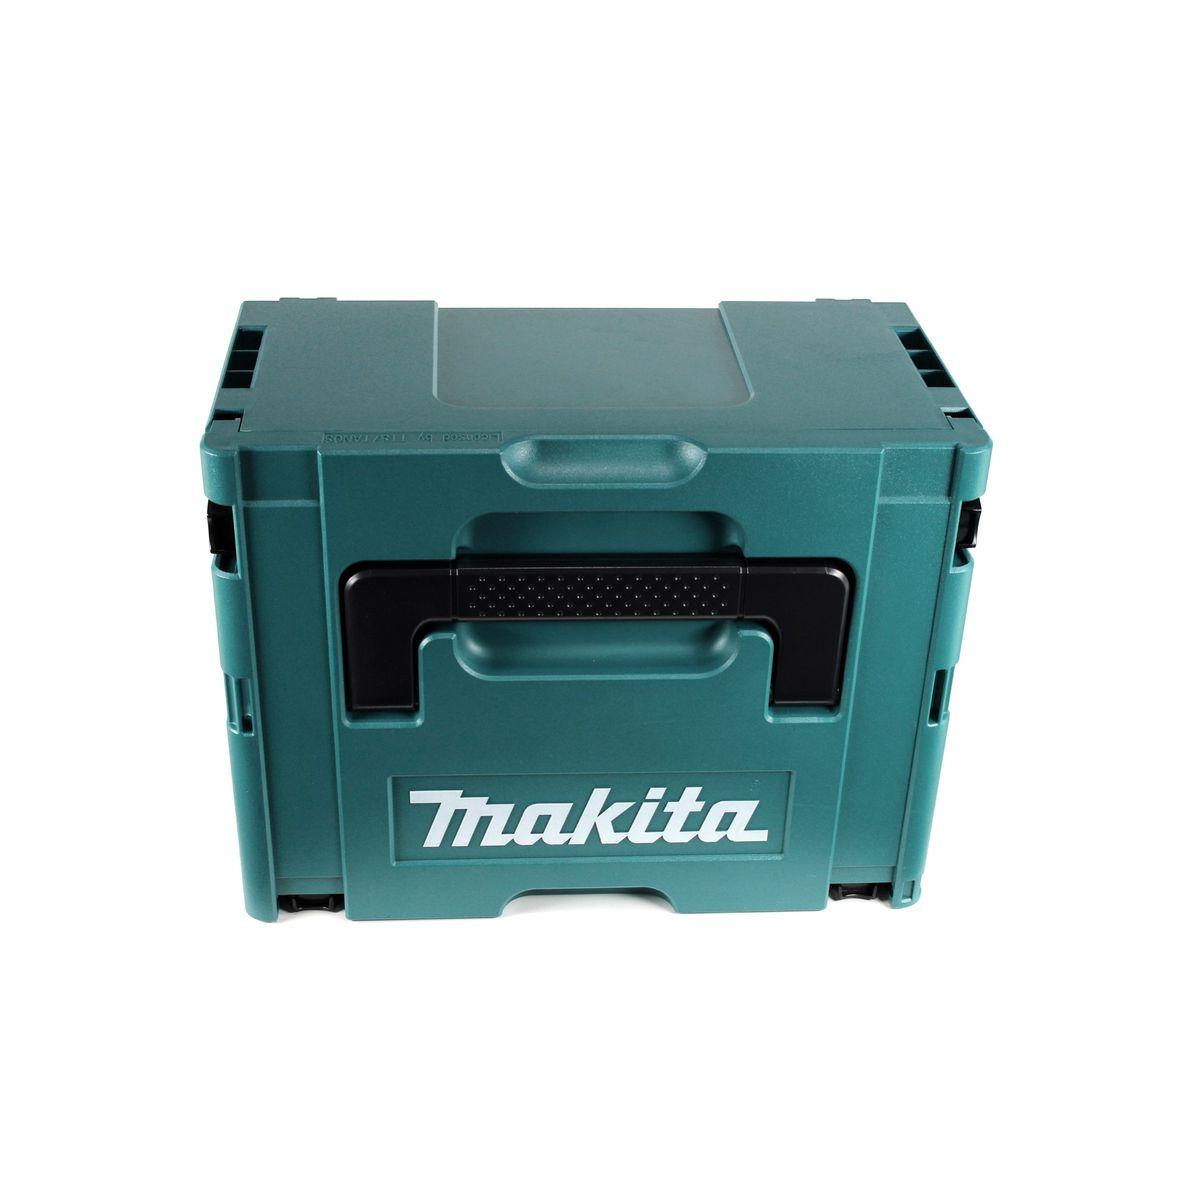 Makita DCS551RTJ Akku-Metallhandkreissäge 18V Brushless 150mm + 2x Akku 5,0Ah + Ladegerät + Koffer_ab__is.image_number.default